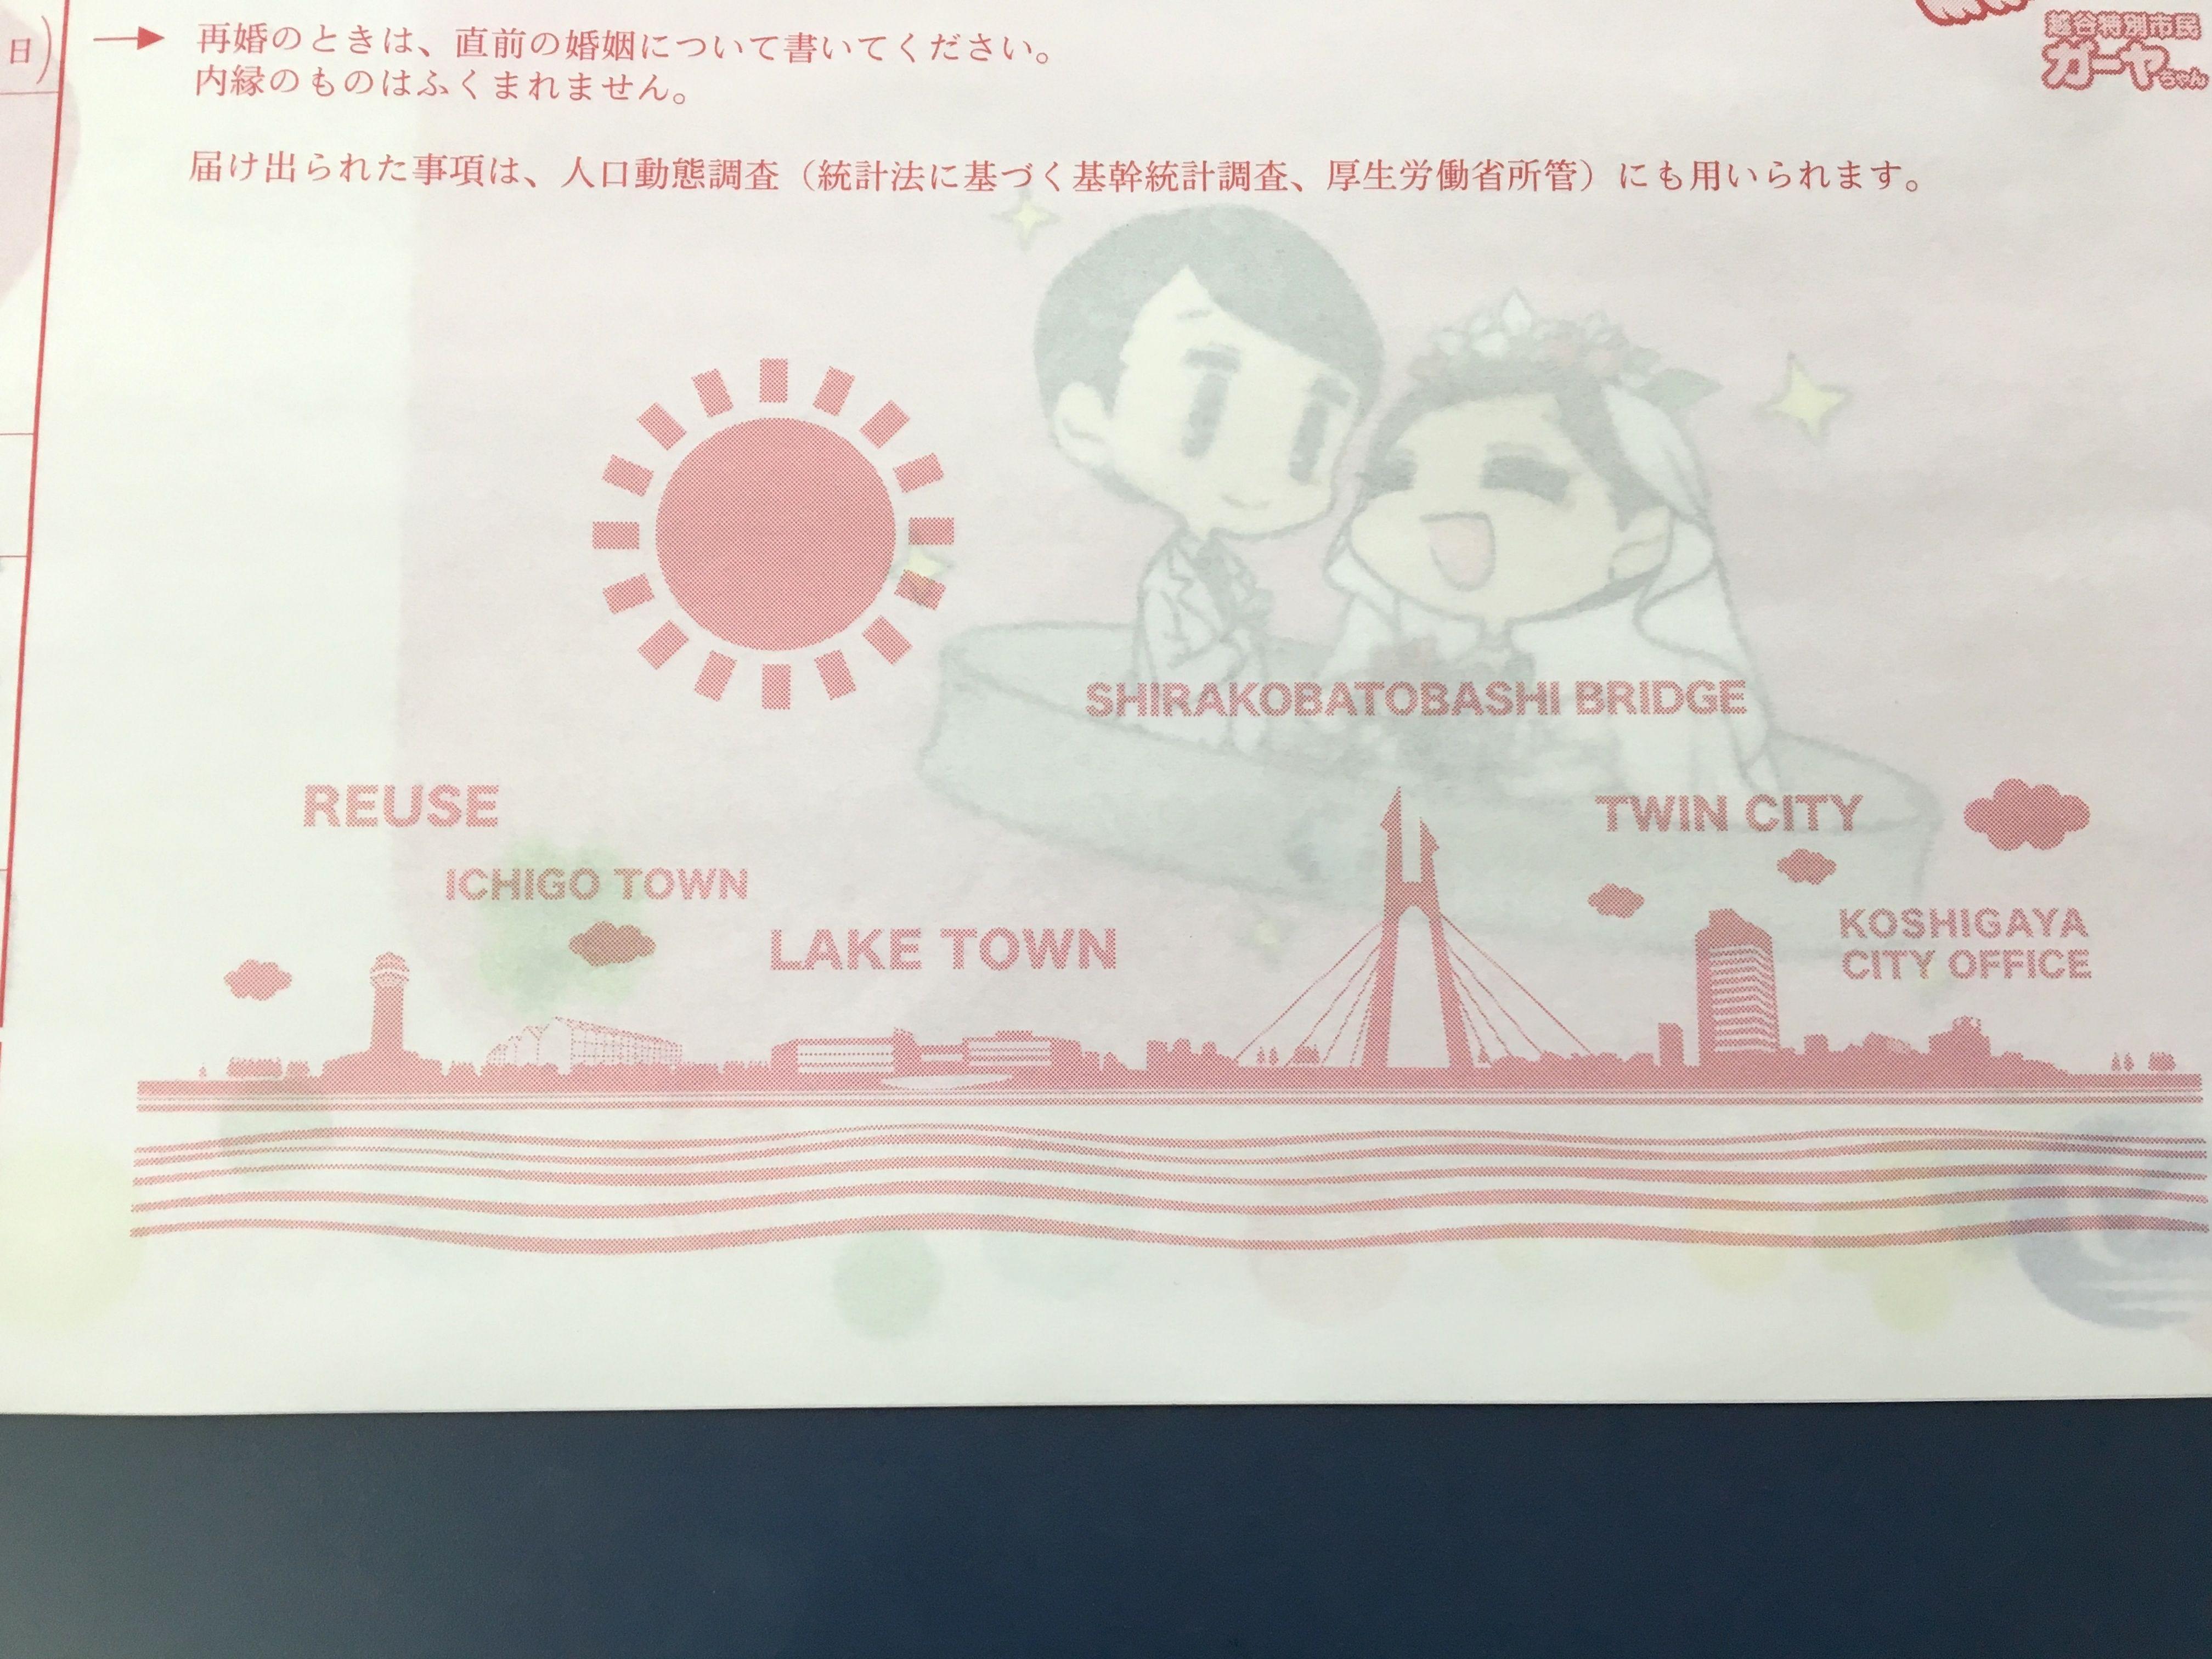 越谷市オリジナル婚姻届には越谷の街並みが描かれています!!